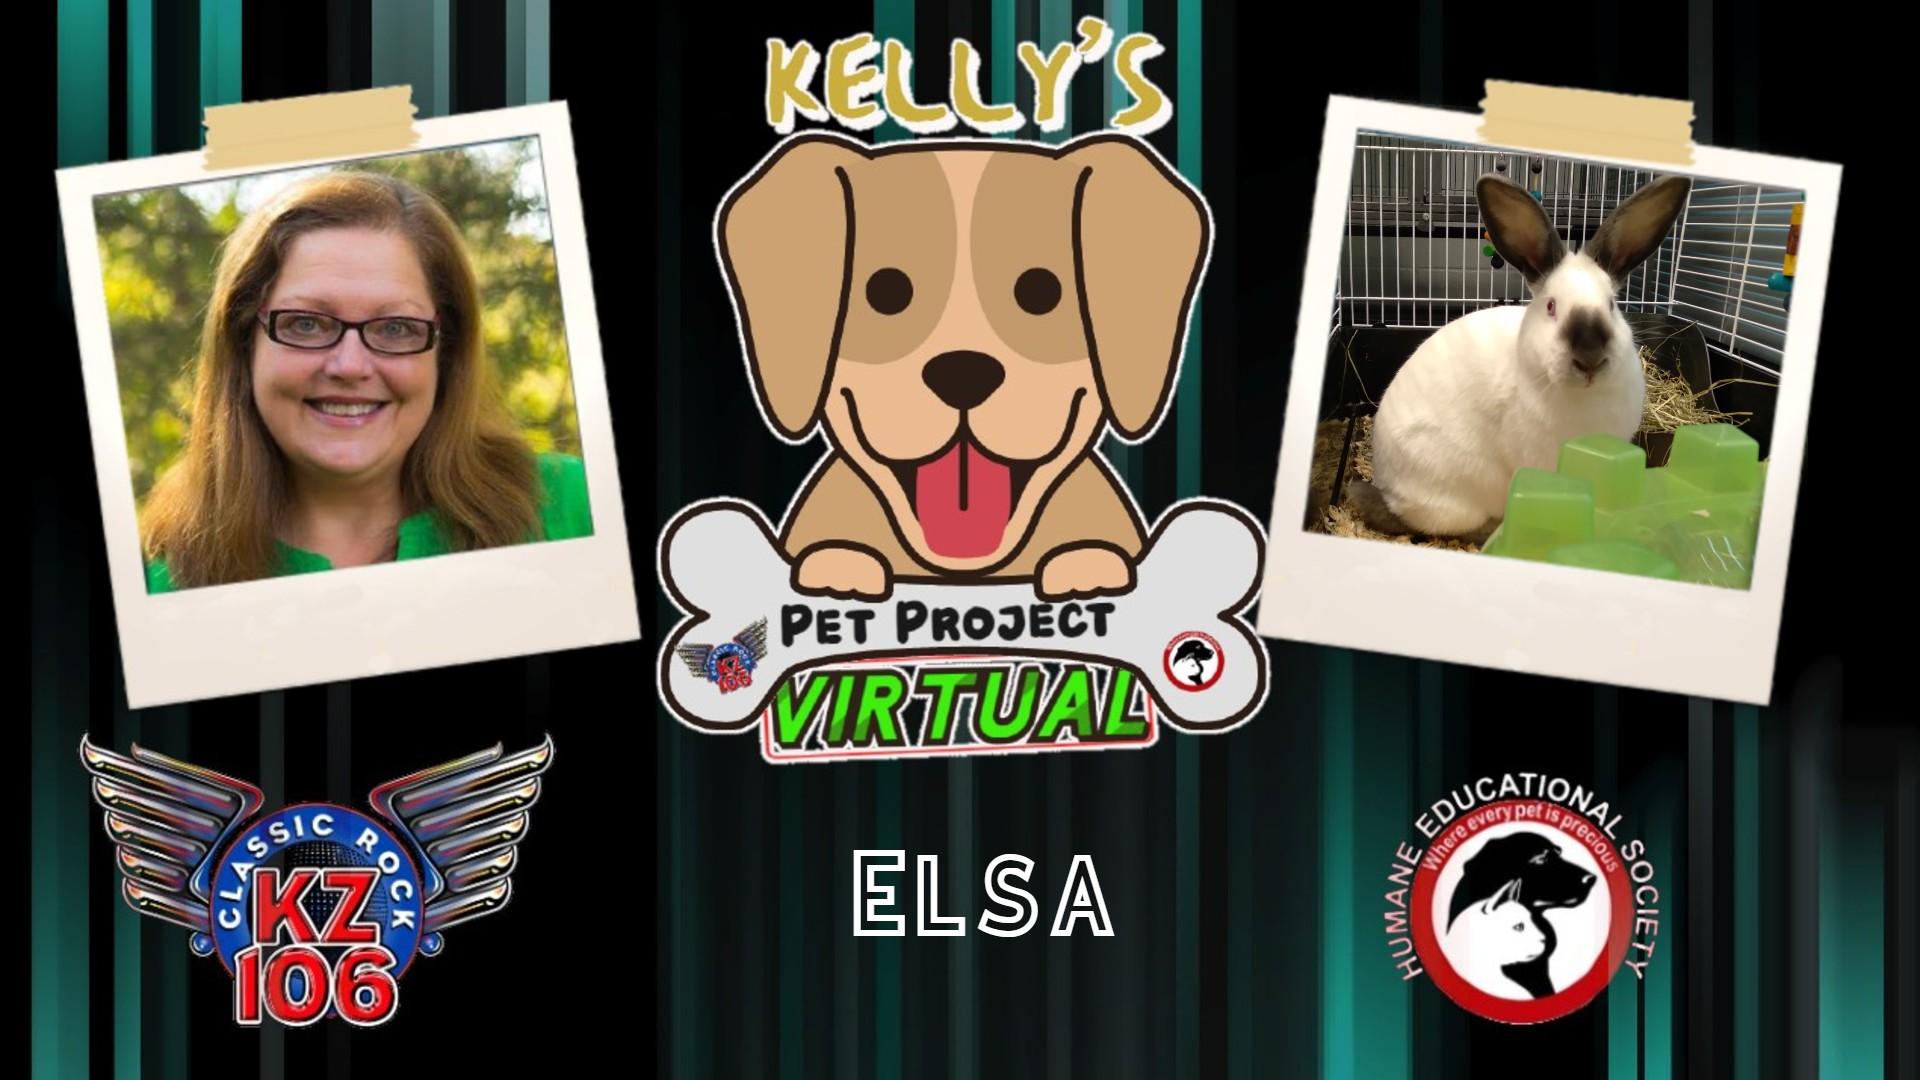 Kelly's Pet Project: Elsa